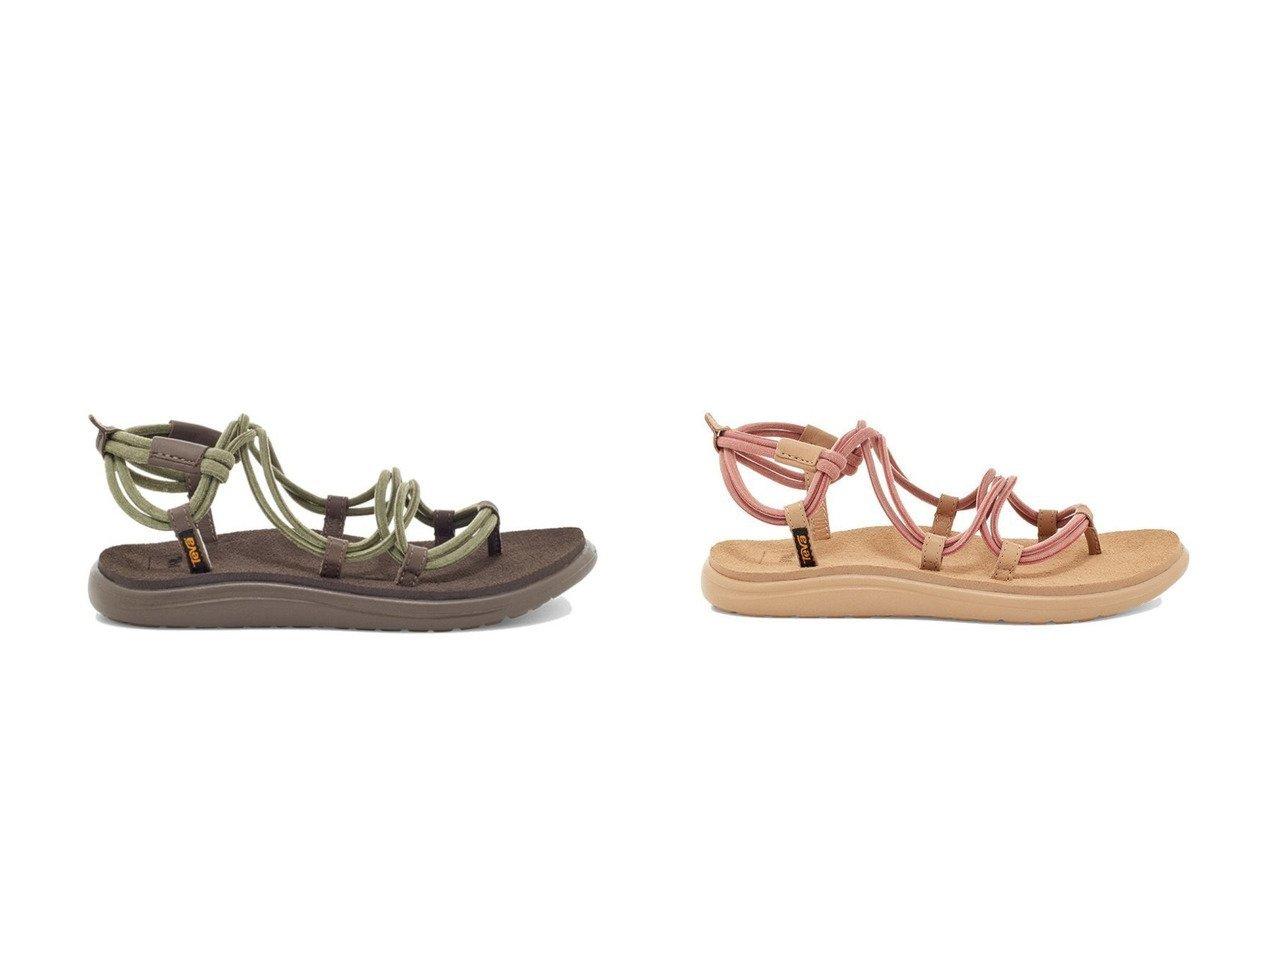 【Juze/ジュゼ】の【Teva】VOYA INFINITY SPACE DYE 【シューズ・靴】おすすめ!人気、トレンド・レディースファッションの通販 おすすめで人気の流行・トレンド、ファッションの通販商品 インテリア・家具・メンズファッション・キッズファッション・レディースファッション・服の通販 founy(ファニー) https://founy.com/ ファッション Fashion レディースファッション WOMEN アウトドア 抗菌 軽量 サンダル シューズ シンプル フィット フォーム ミュール ラップ レース おすすめ Recommend  ID:crp329100000048160